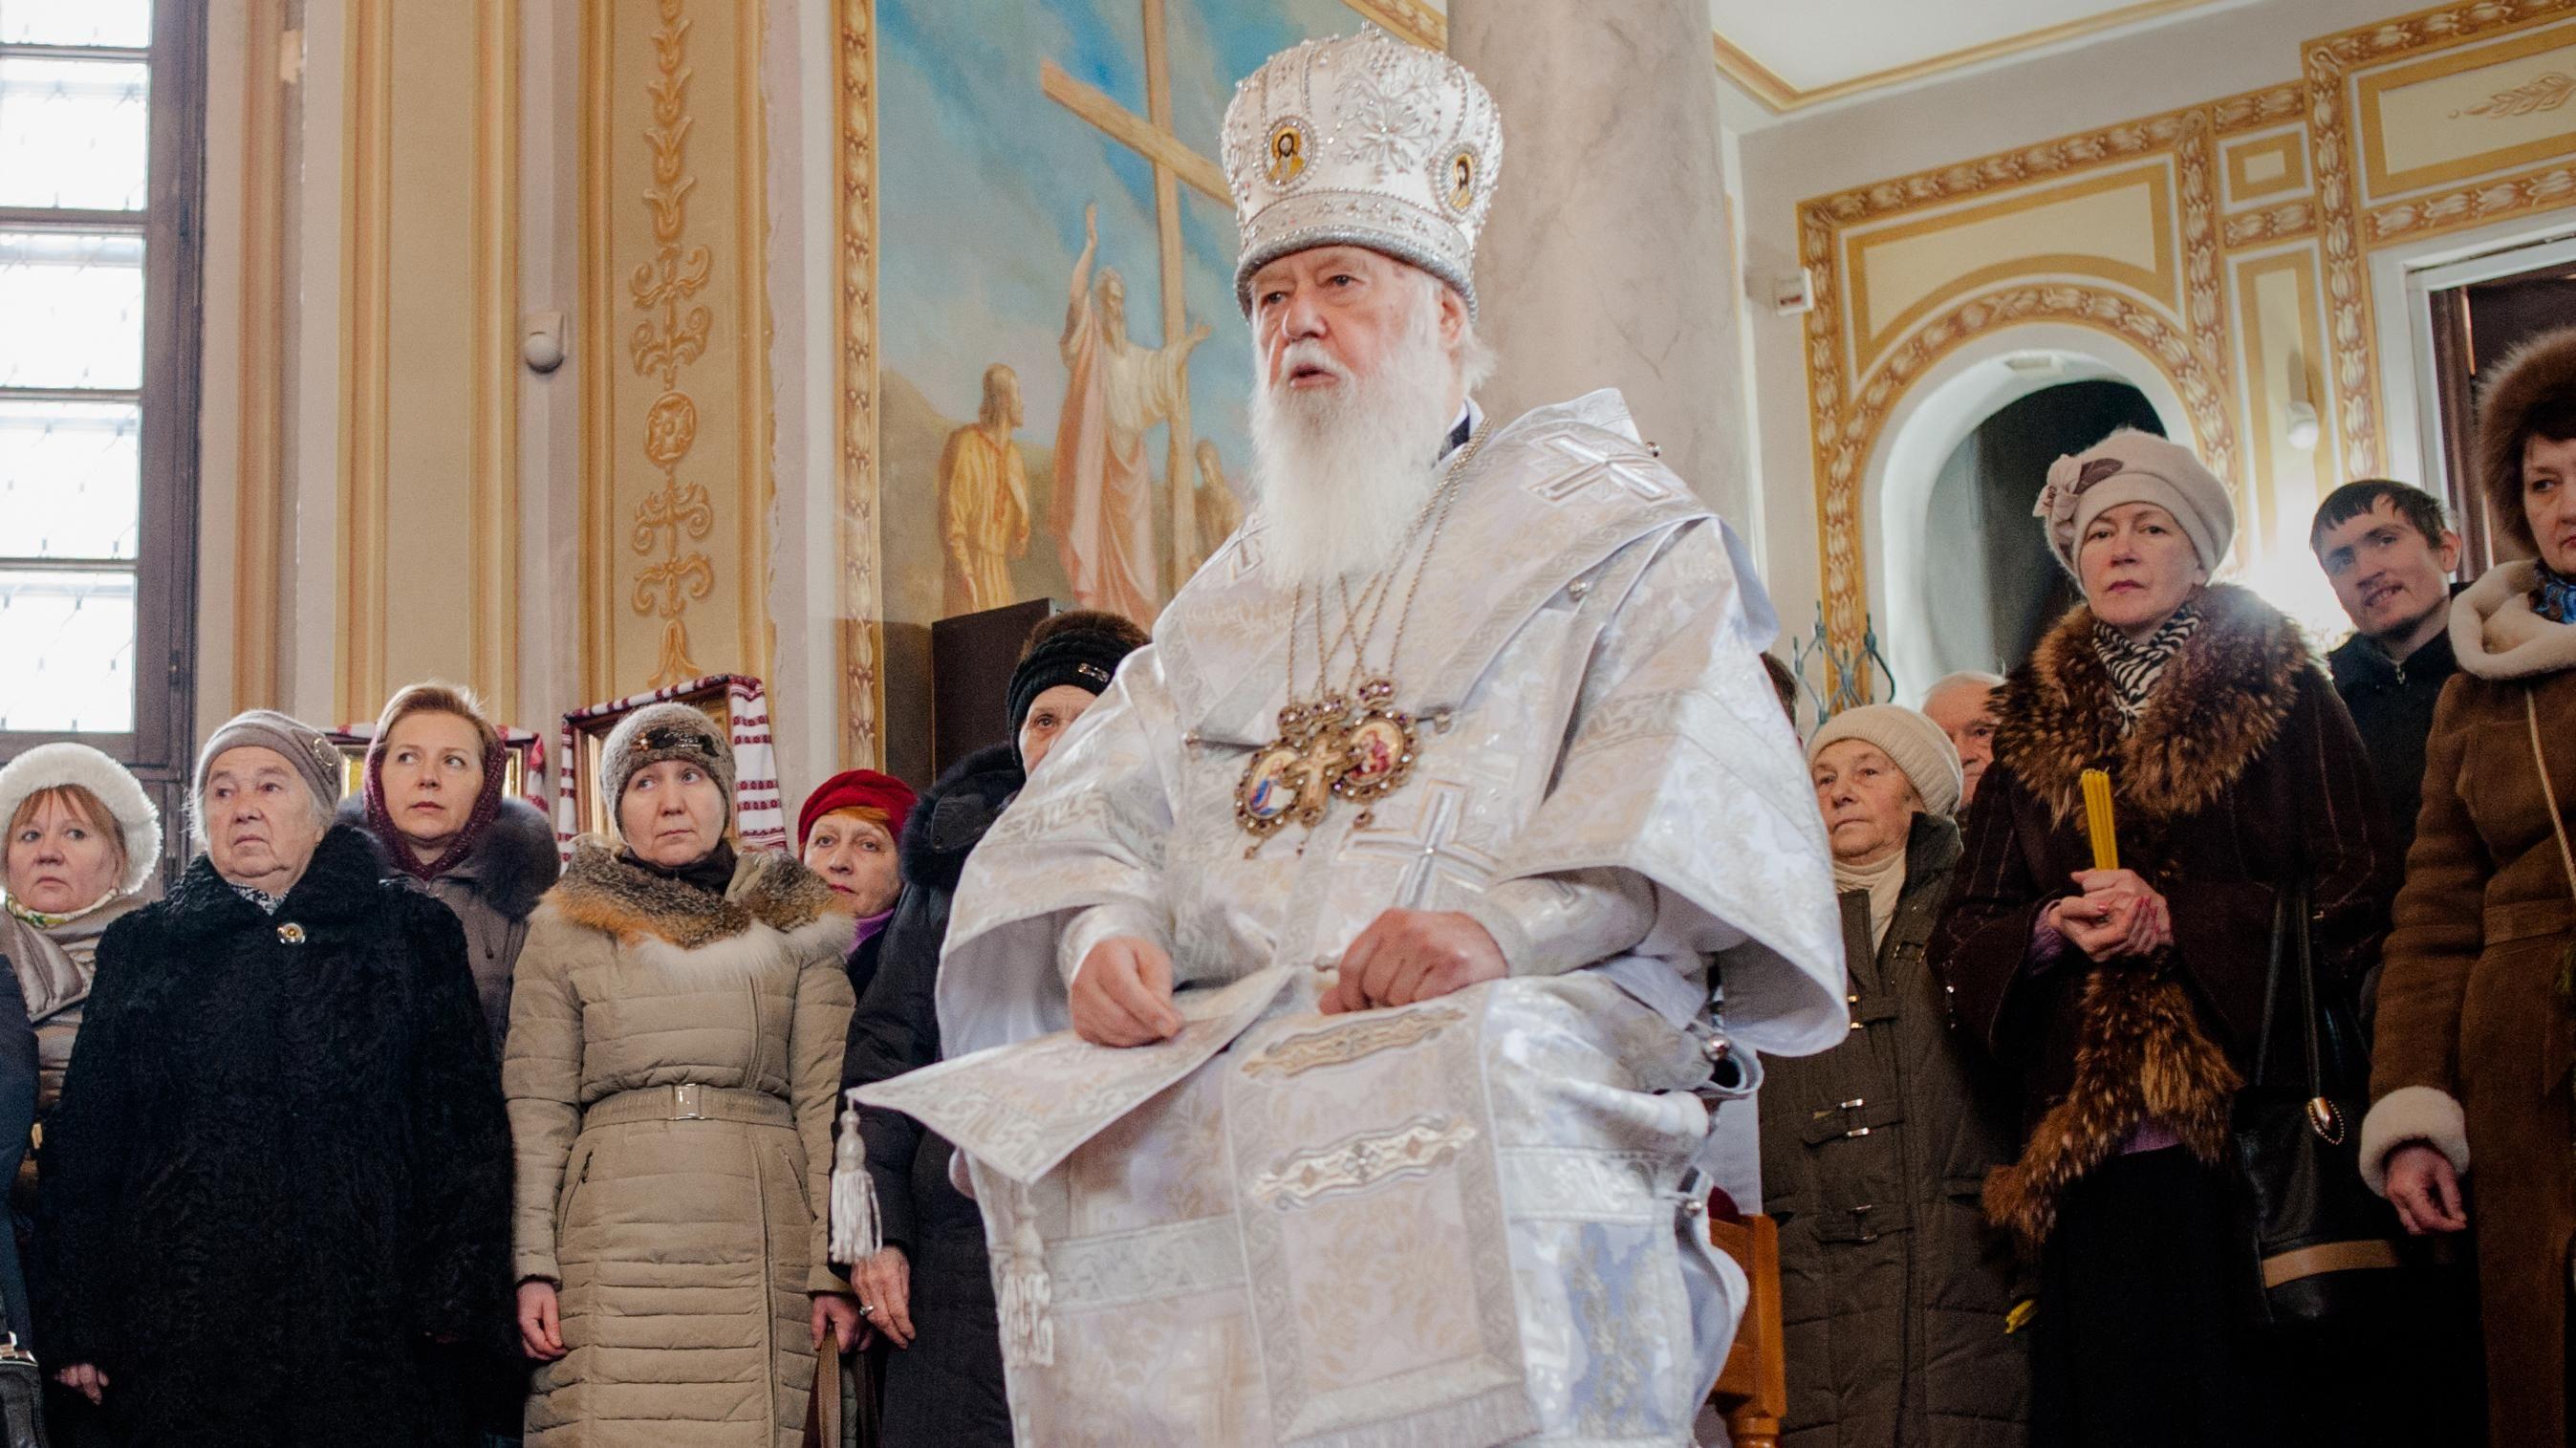 Україна незабаром буде святкувати перемогу над Росією, – Філарет